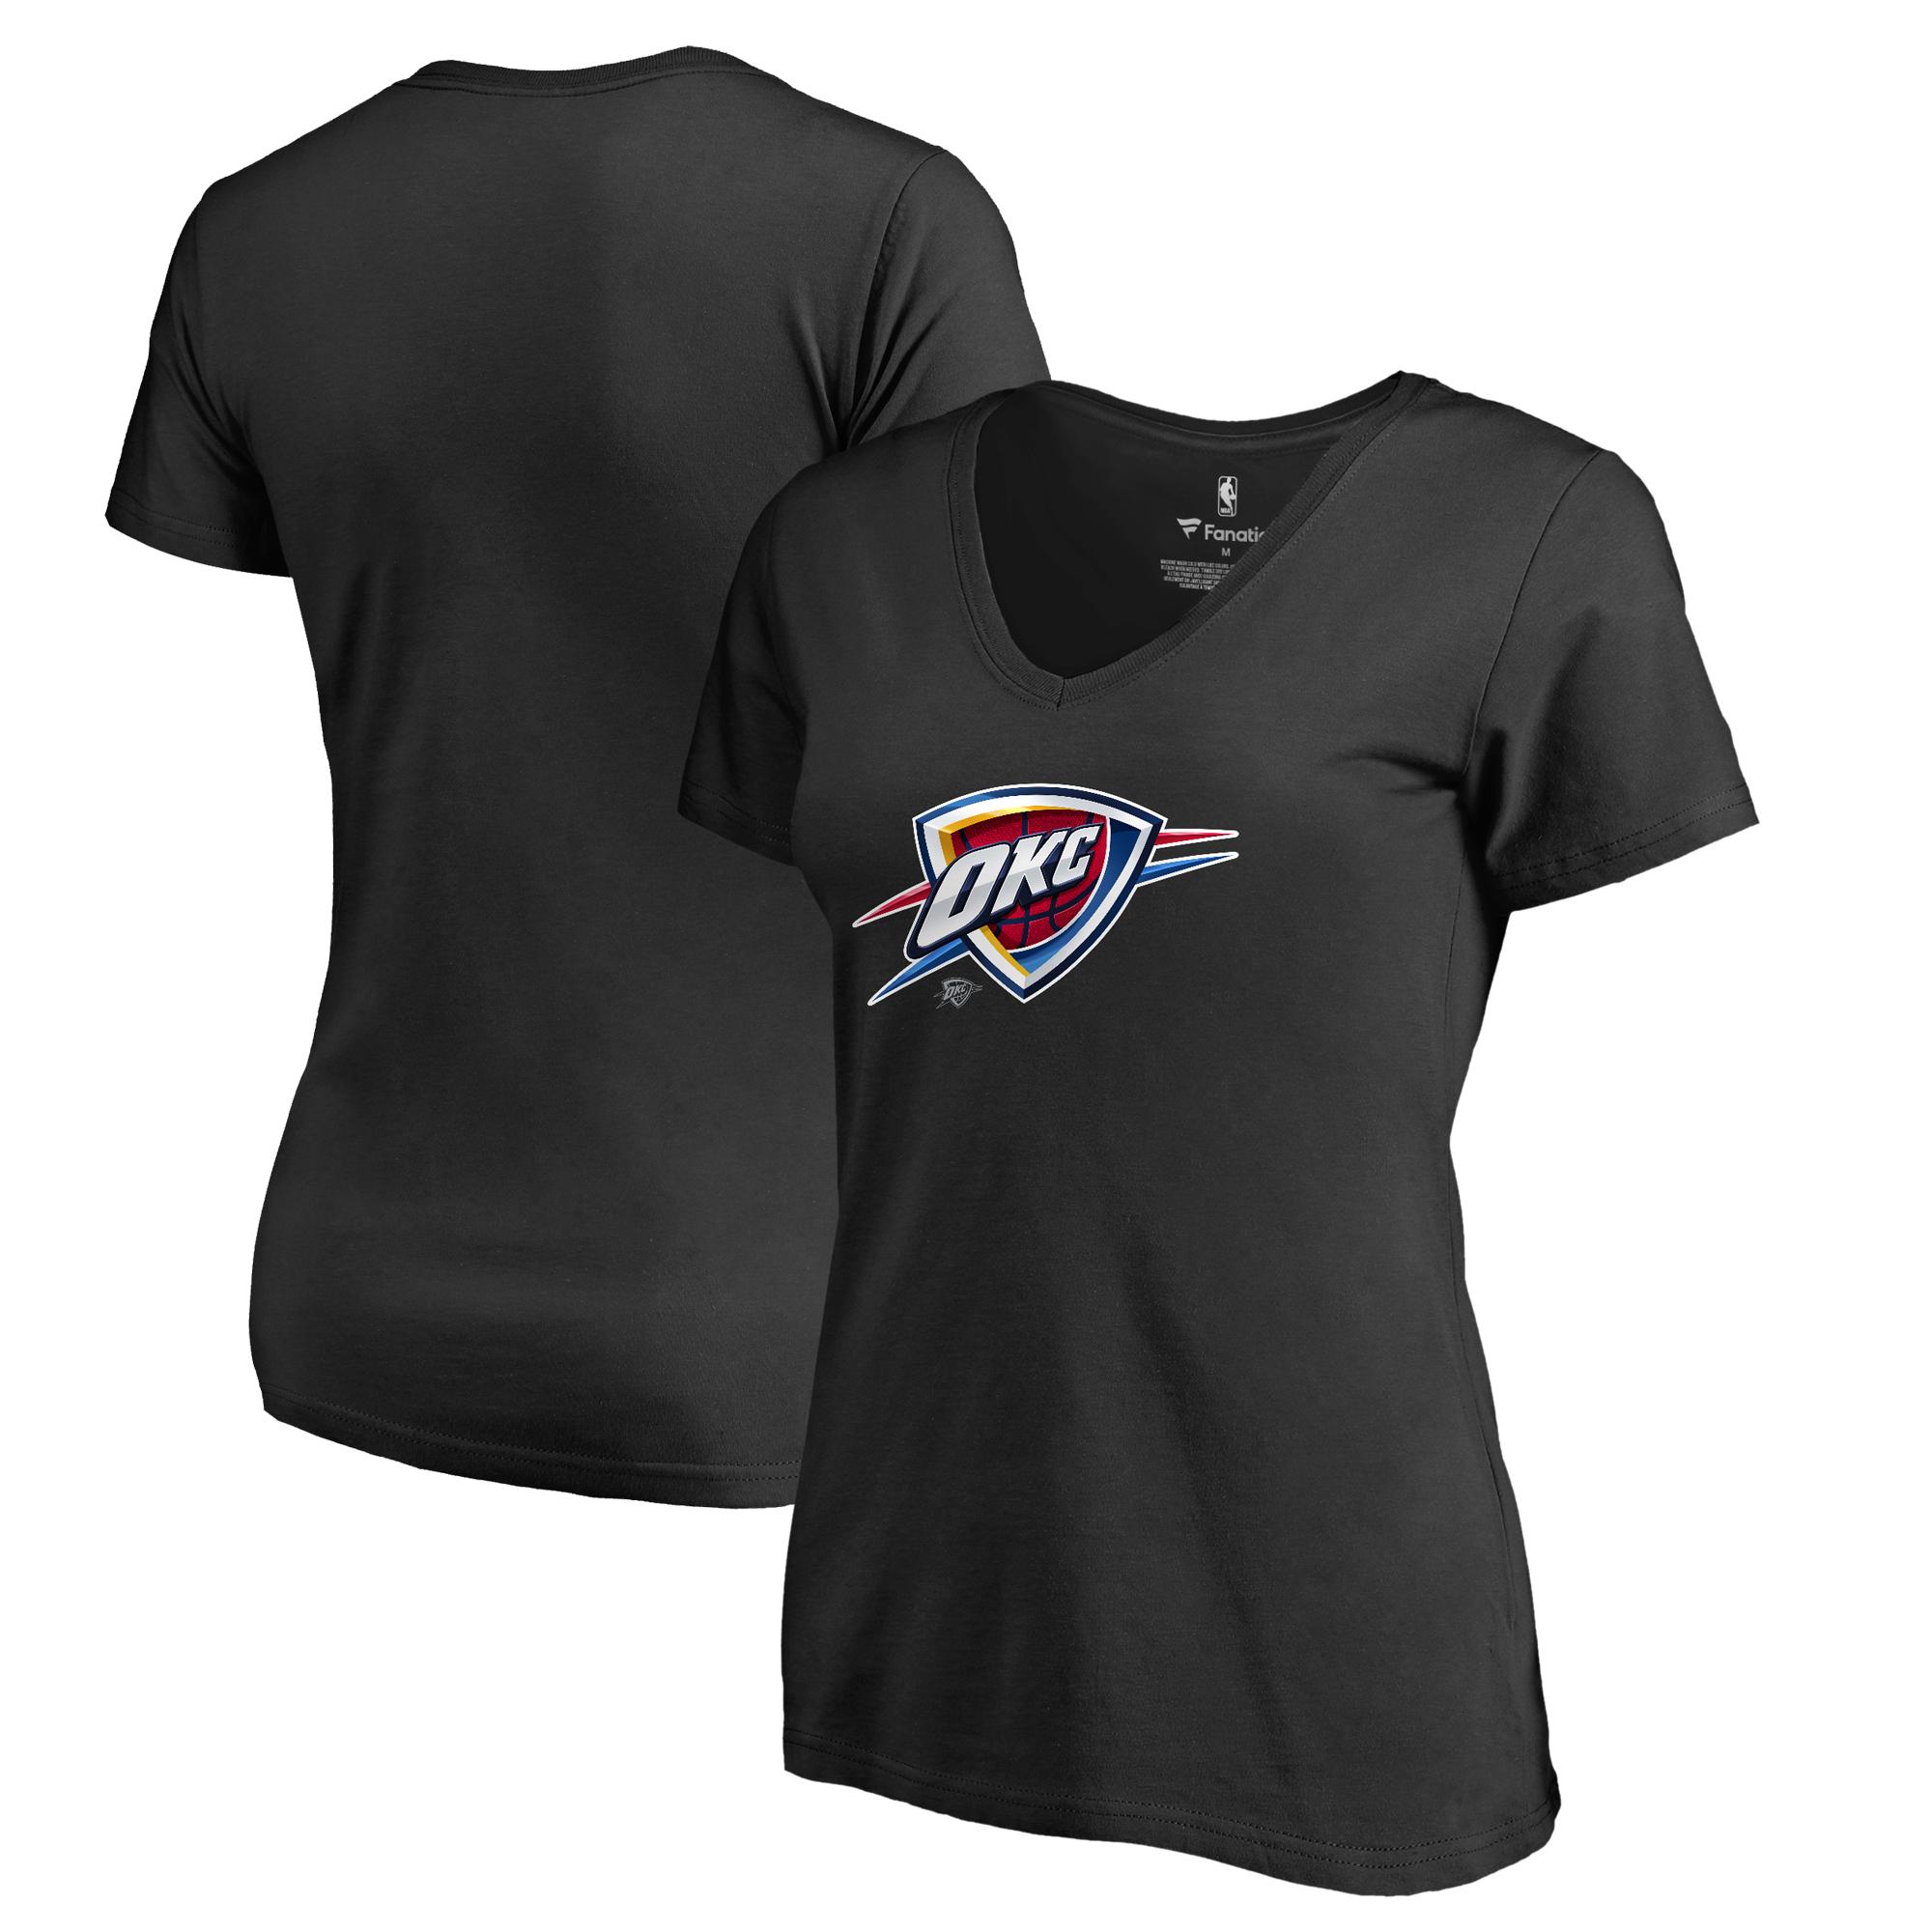 Oklahoma City Thunder Fanatics Branded Women's Midnight Mascot V-Neck T-Shirt - Black